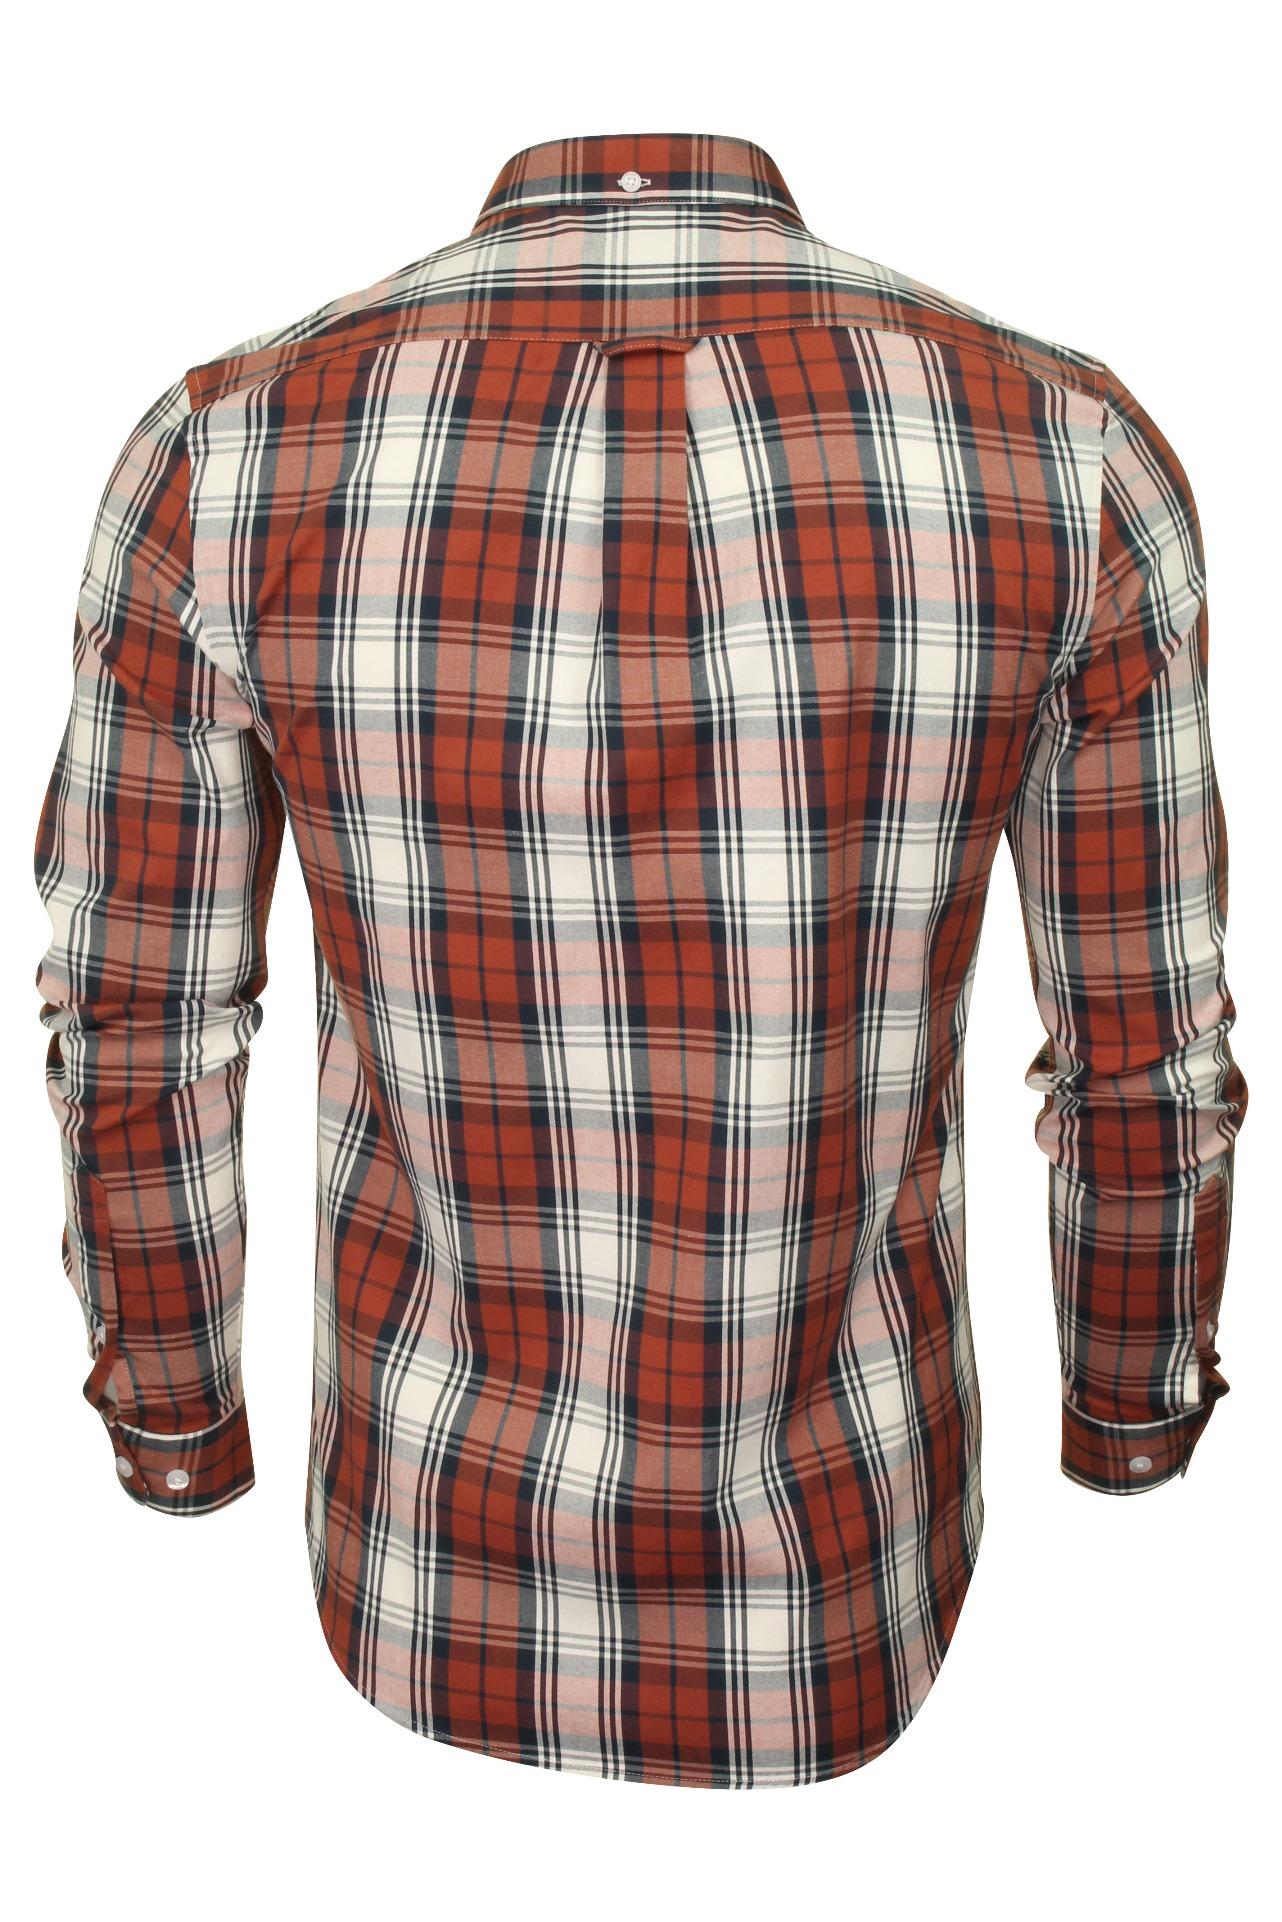 Farah-Mens-Check-Shirt-039-Brewer-Blackwatch-039-Long-Sleeved thumbnail 17